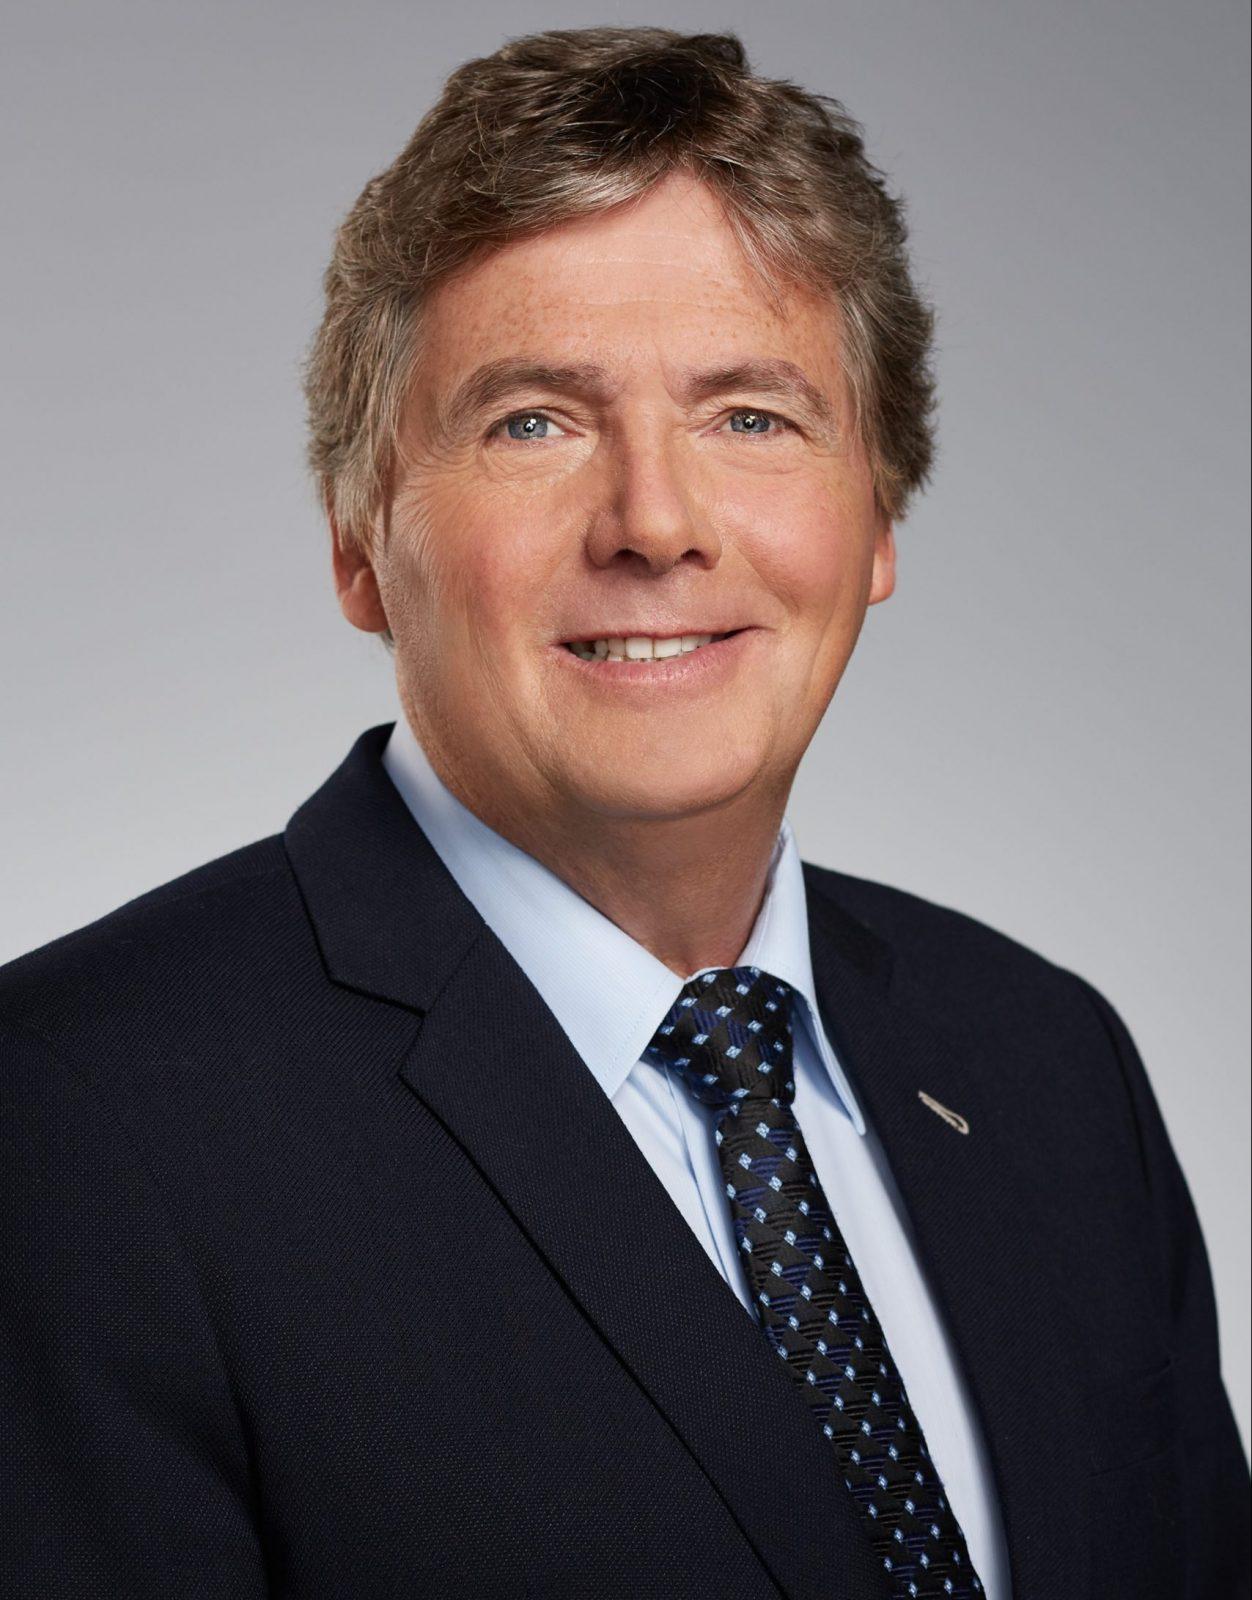 Un nouveau président chez Boire & Frères